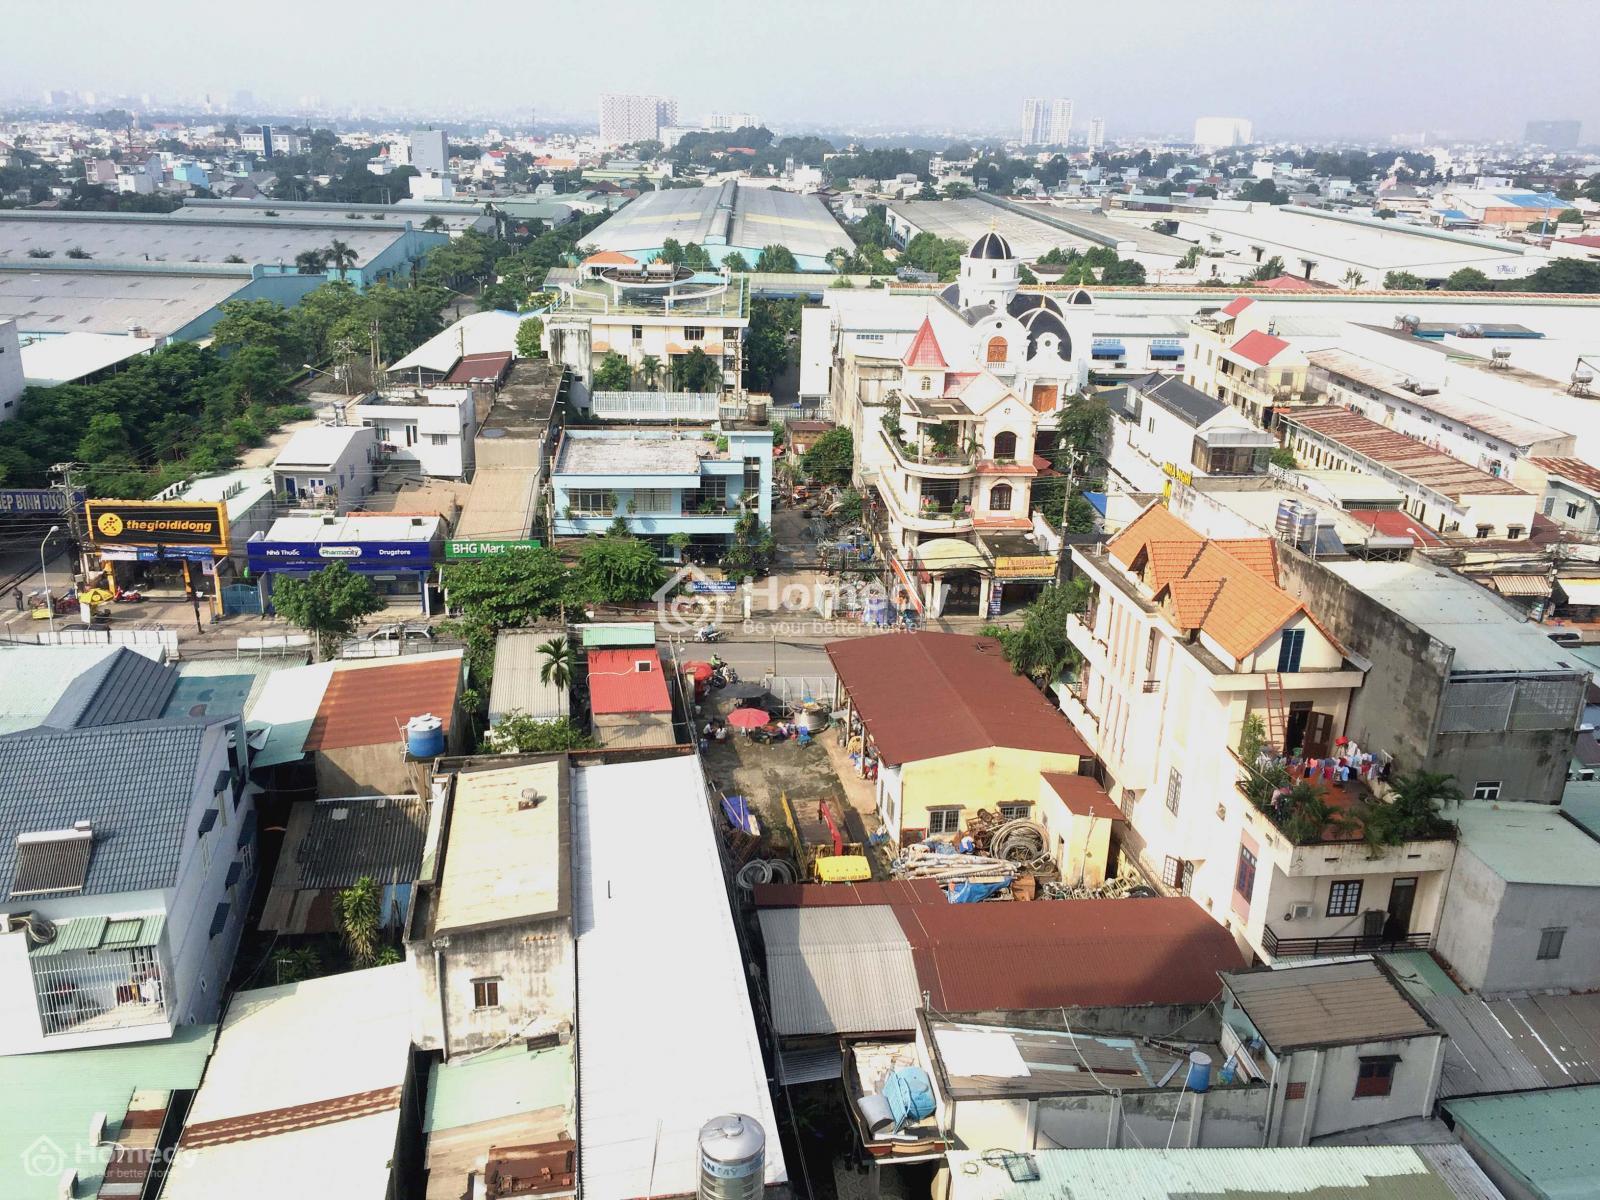 Thị trường cho thuê nhà riêng Tp Hồ Chí Minh với đa dạng sản phẩm